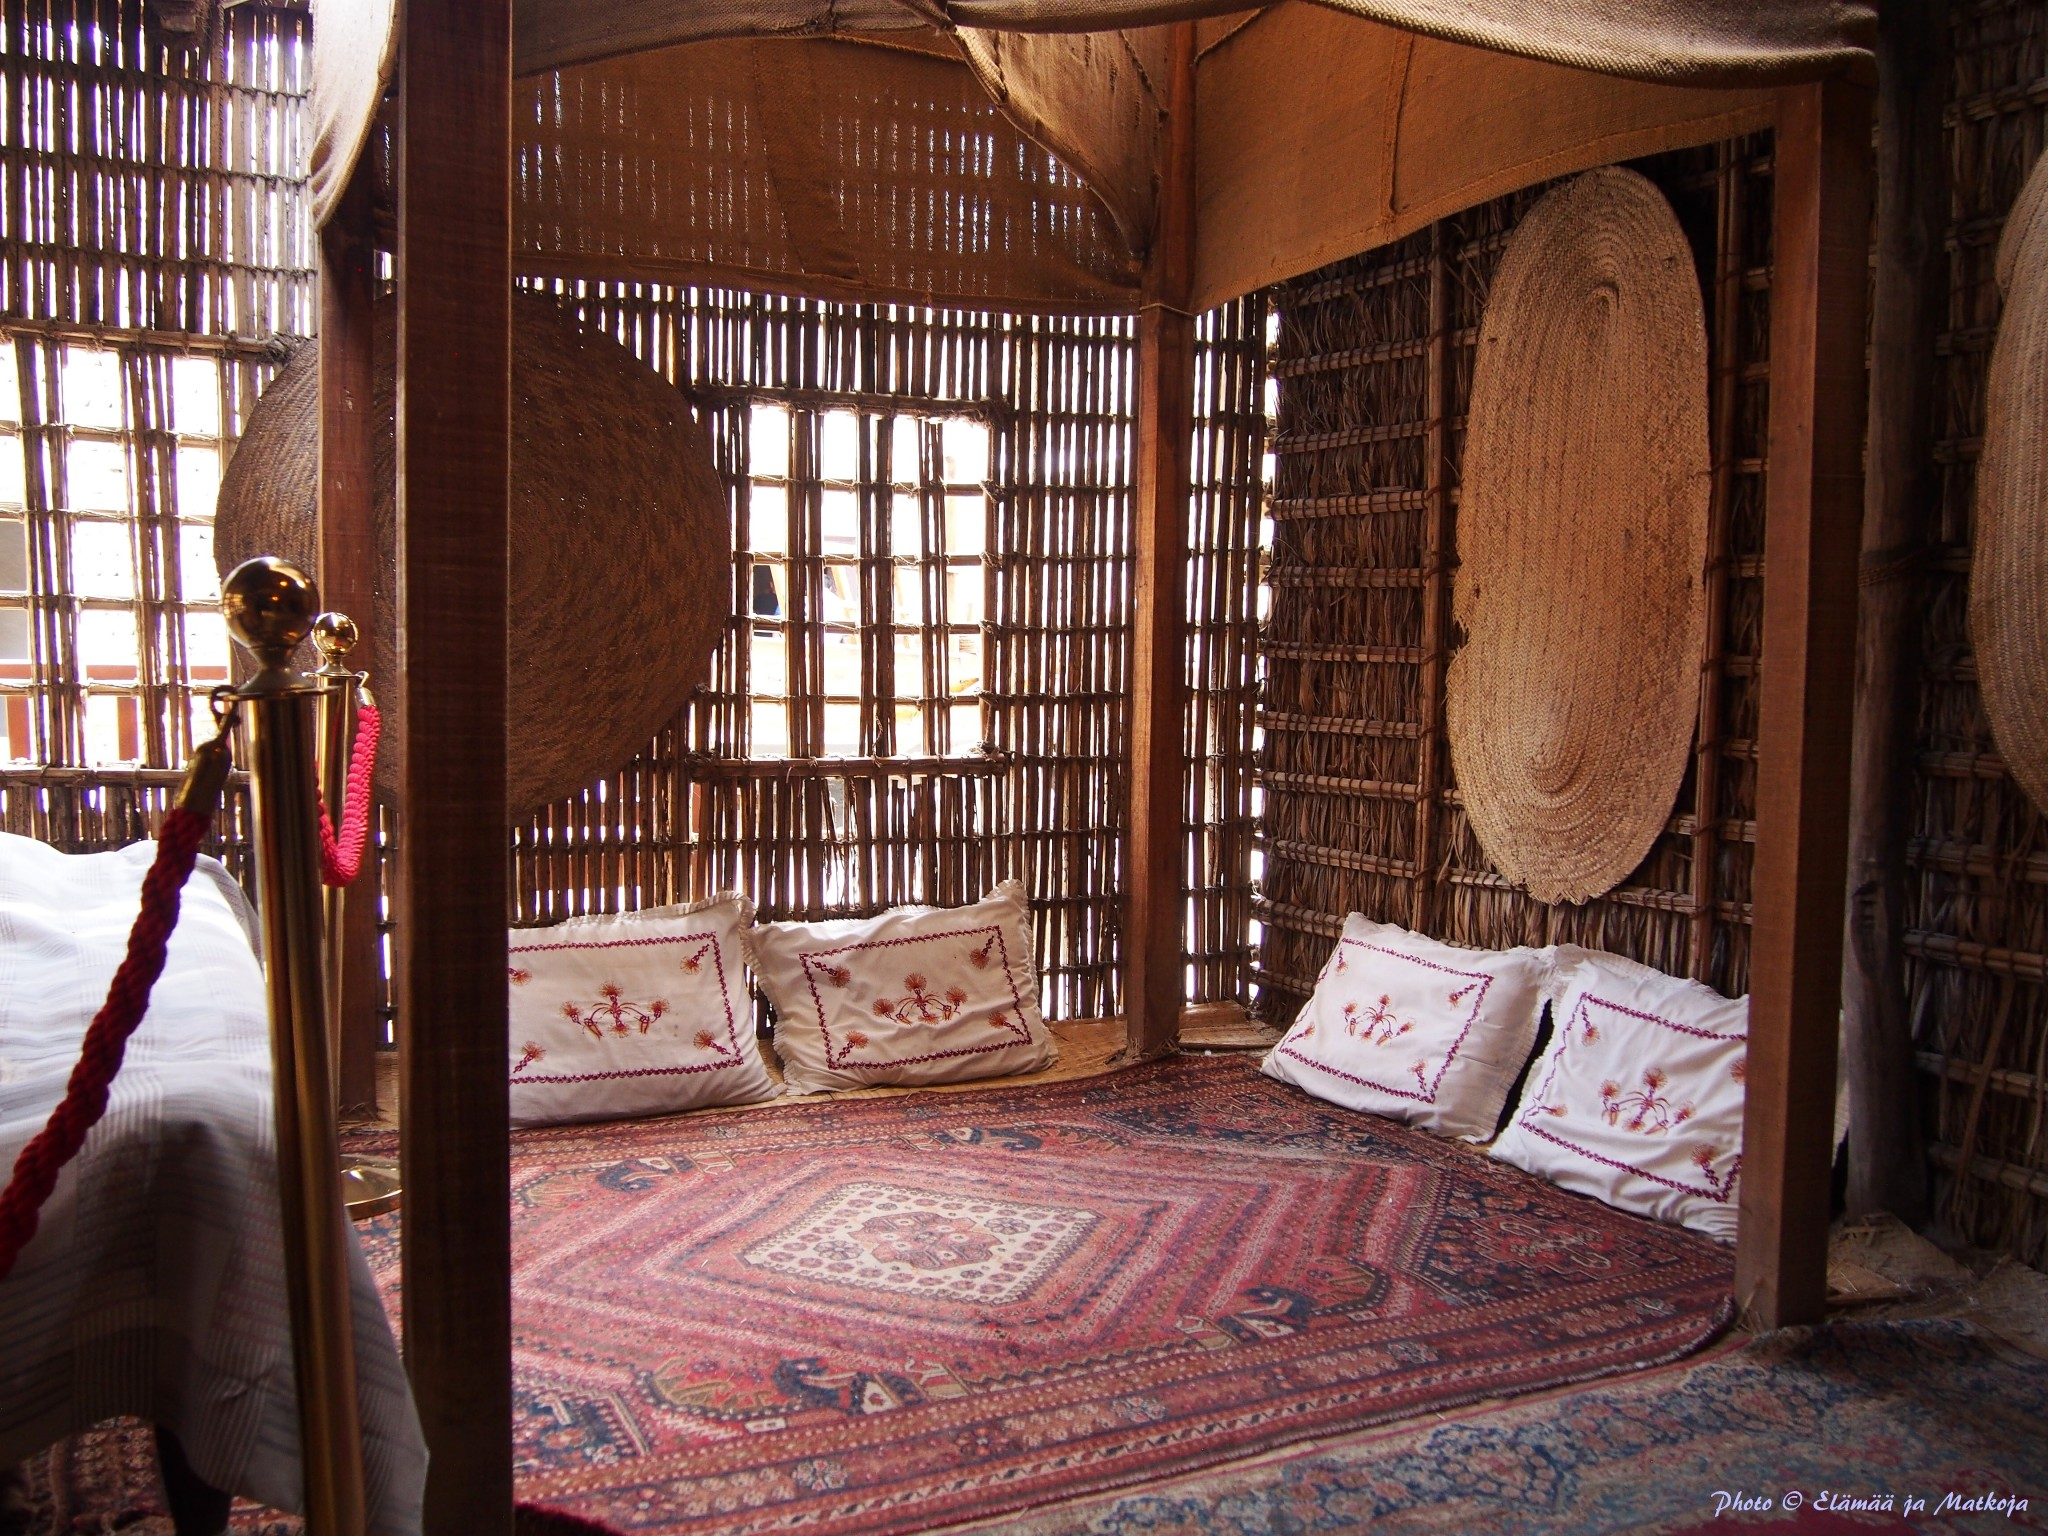 Dubai Museum 7 Photo © Elämää ja Matkoja